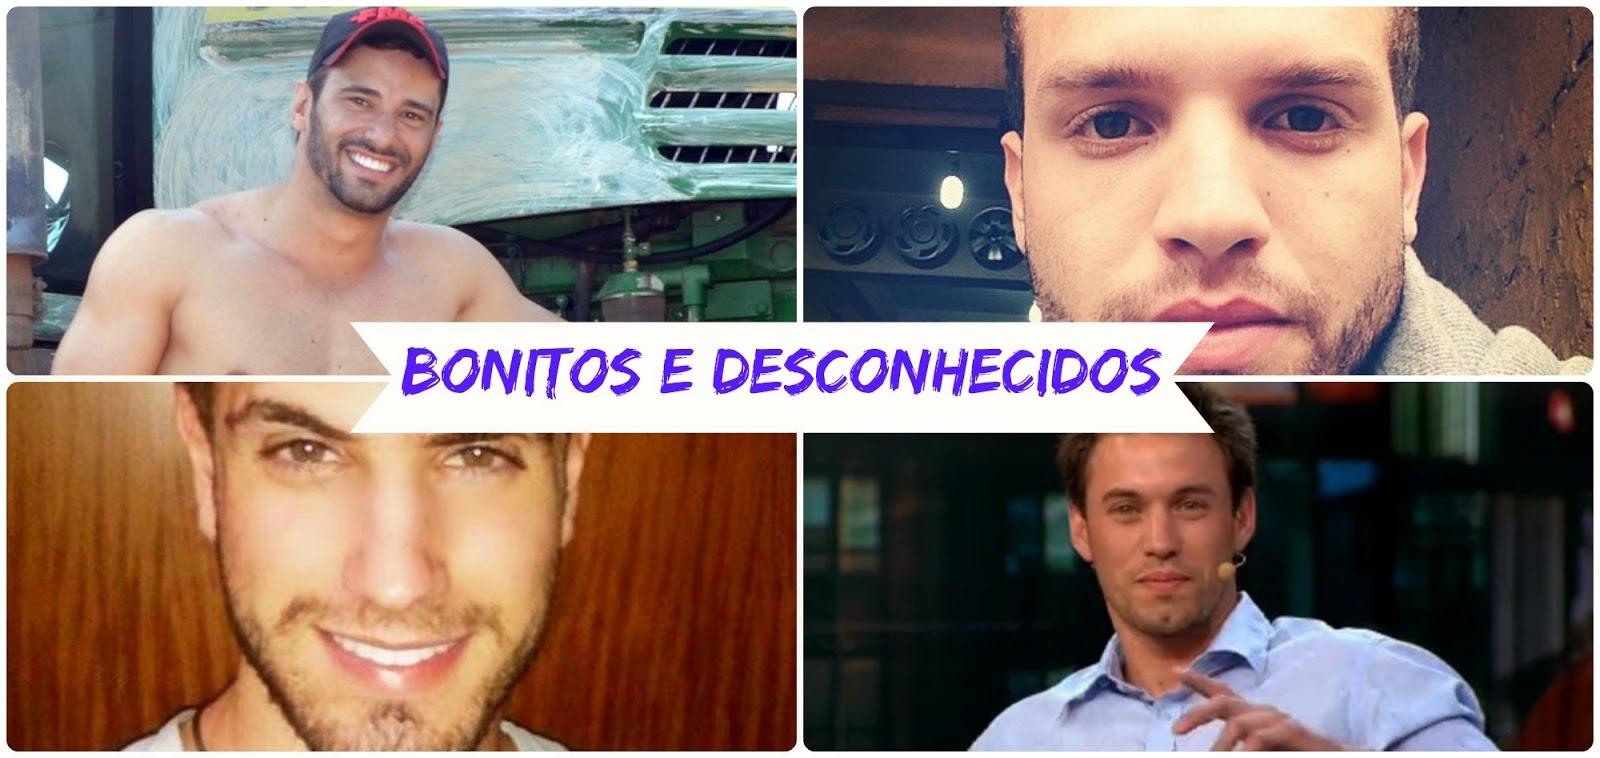 Homens atraentes, bonitos e gostosos